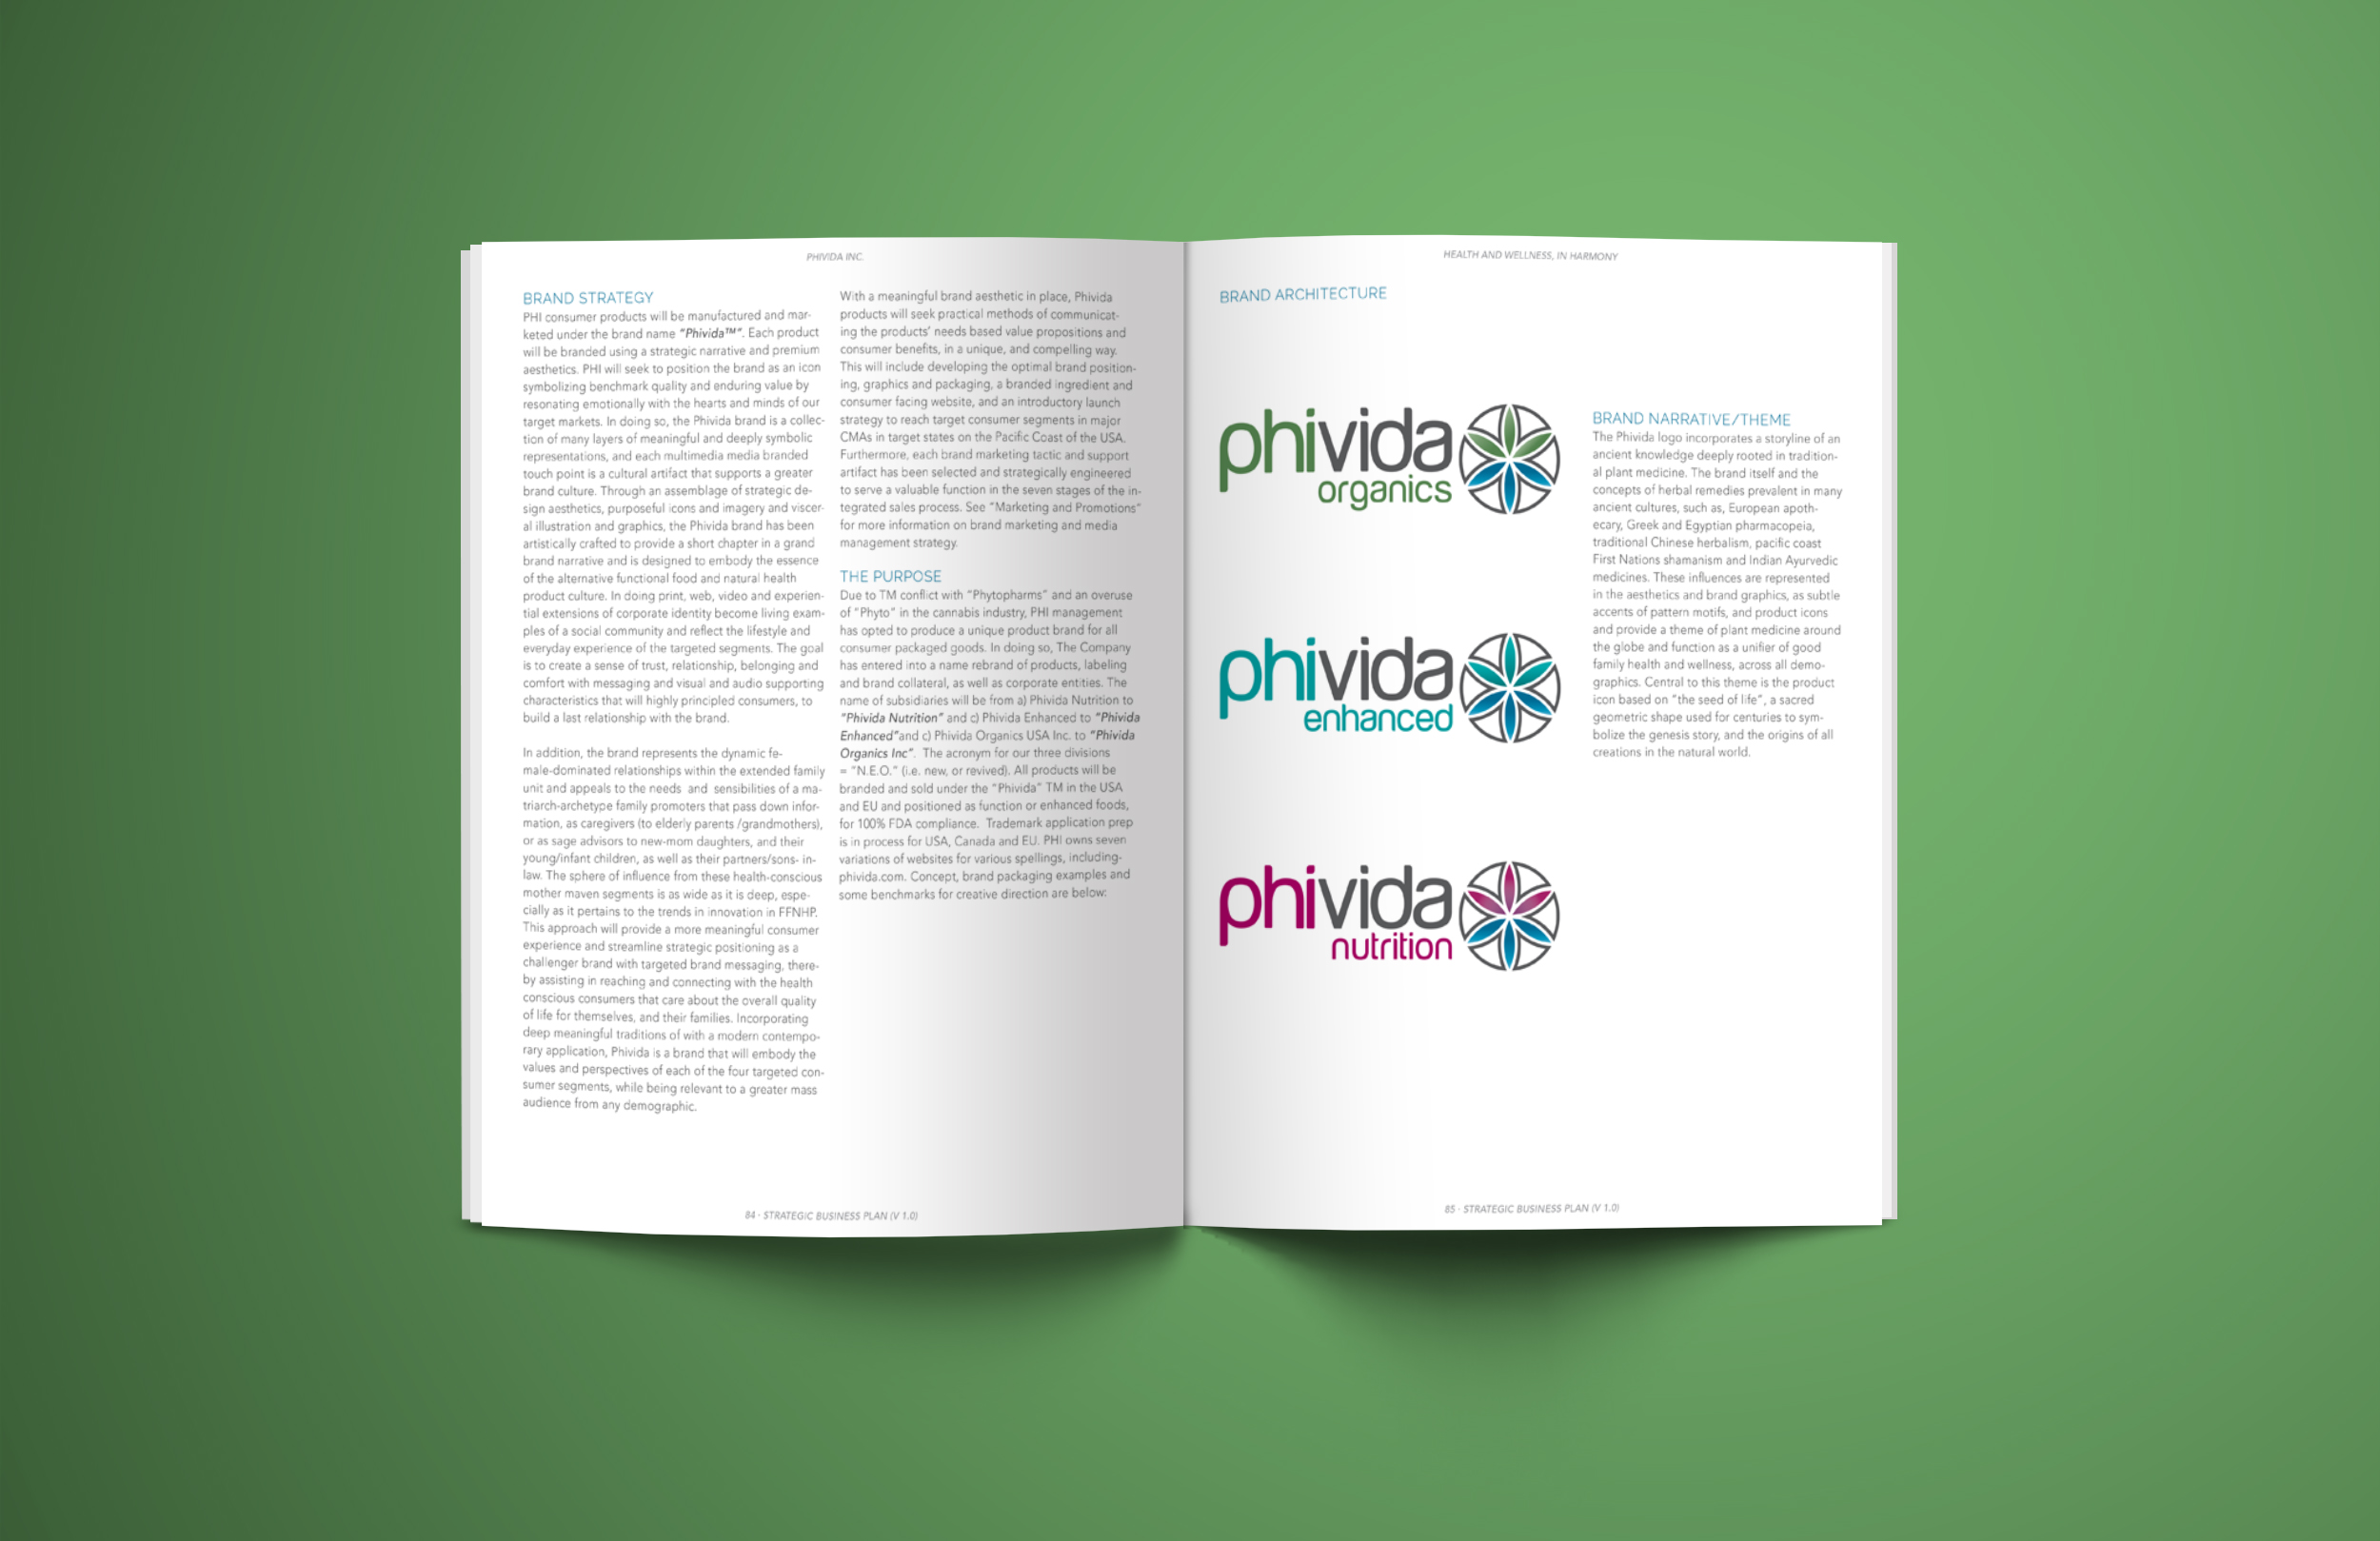 katelynbishop_design_phivida_businessplan2